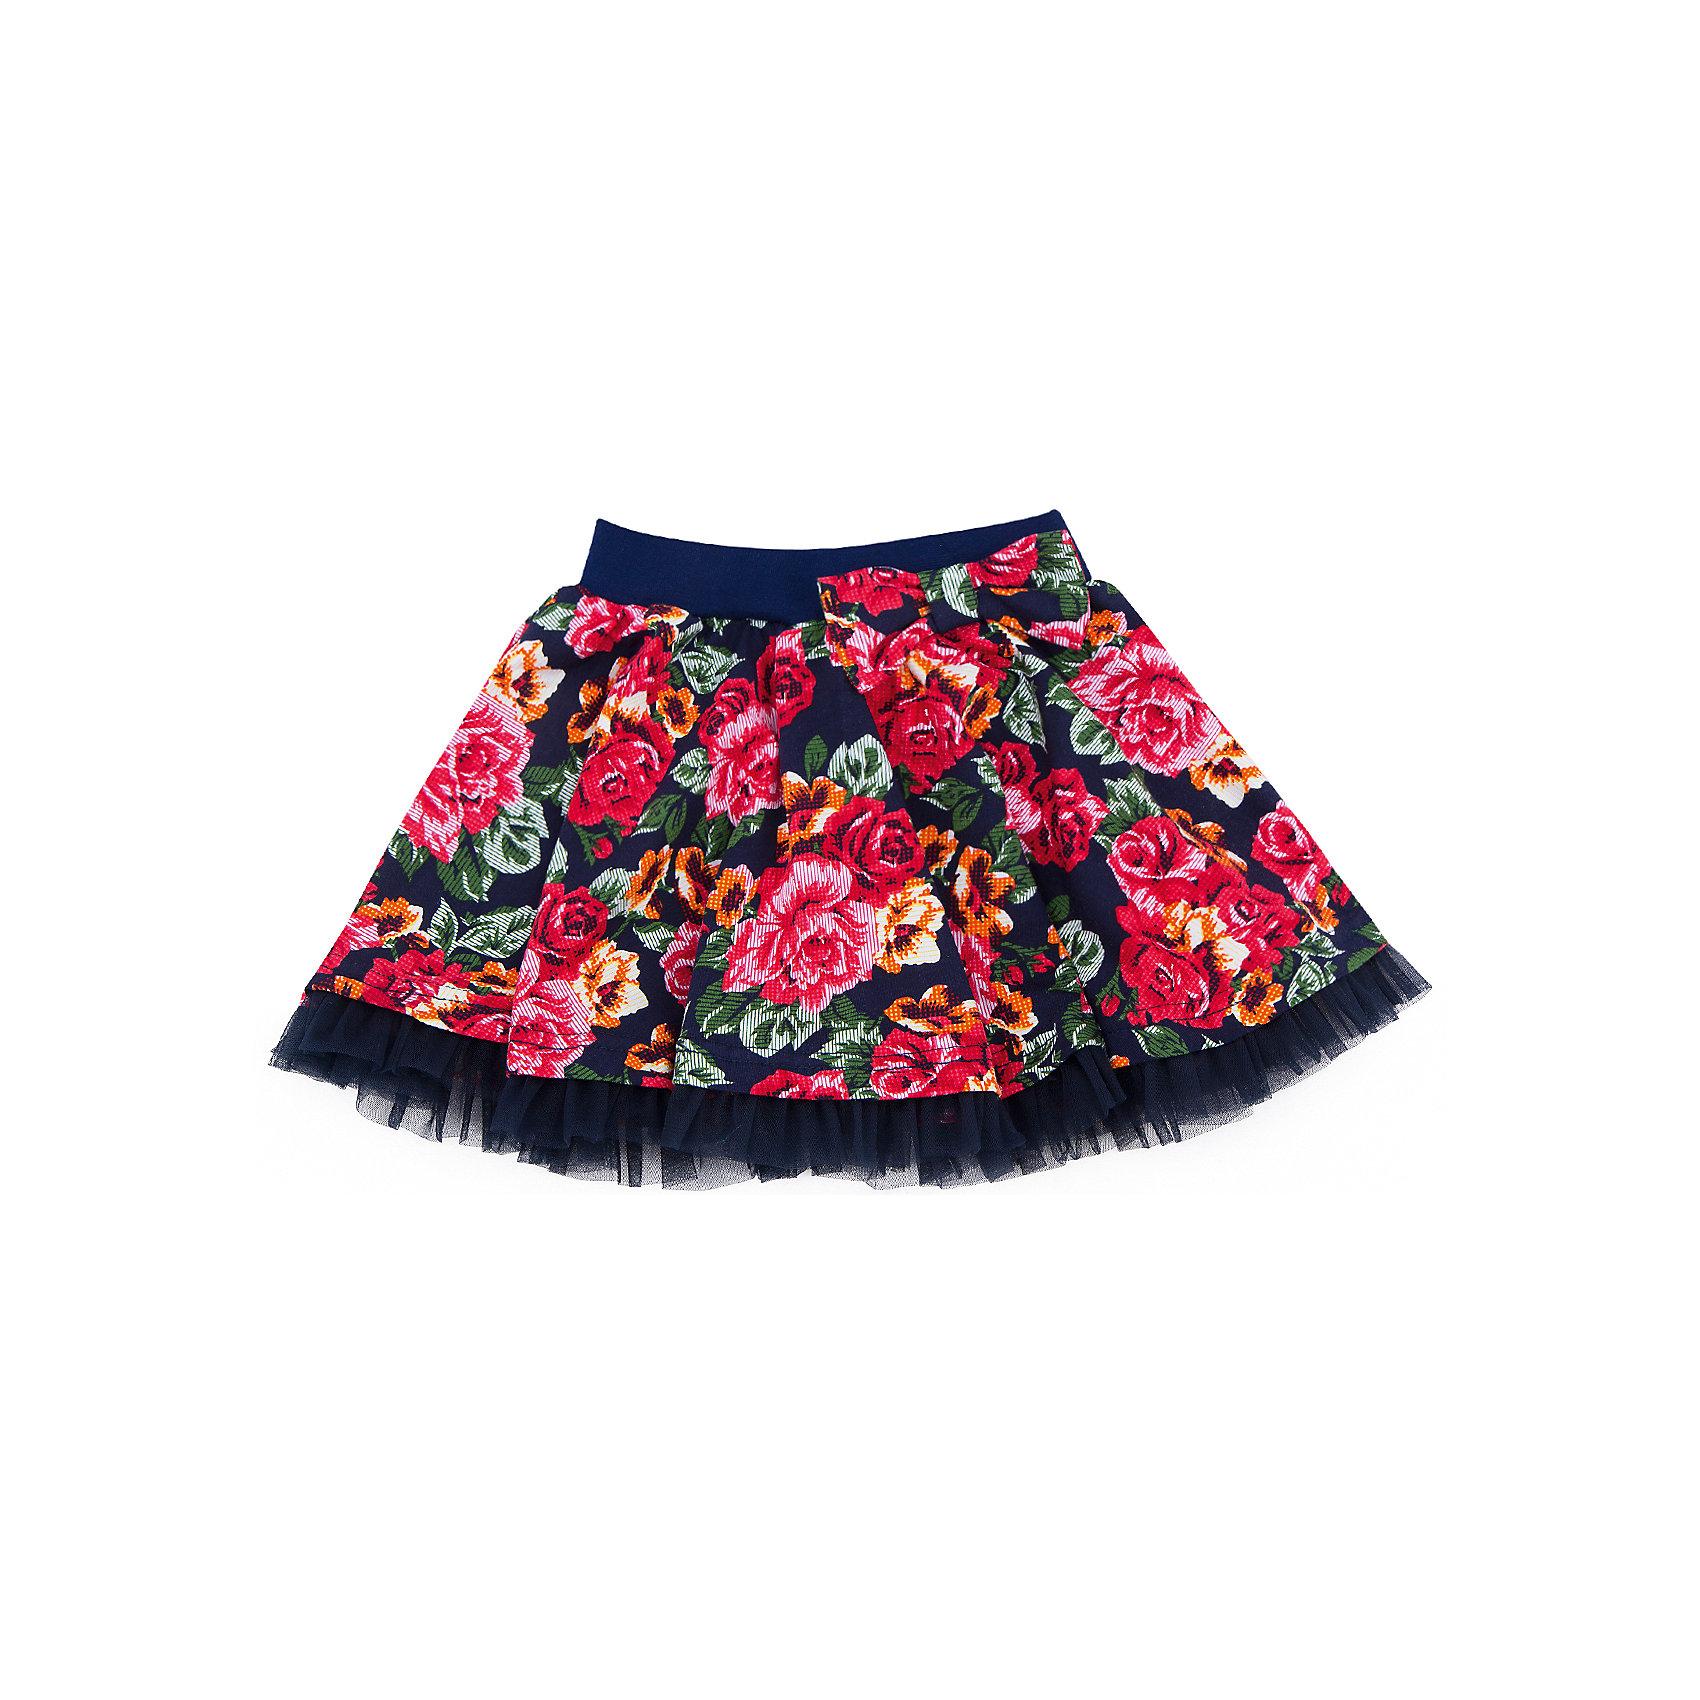 Апрель Юбка для девочки Апрель юбка для девочки ge520743 разноцветный gaialuna